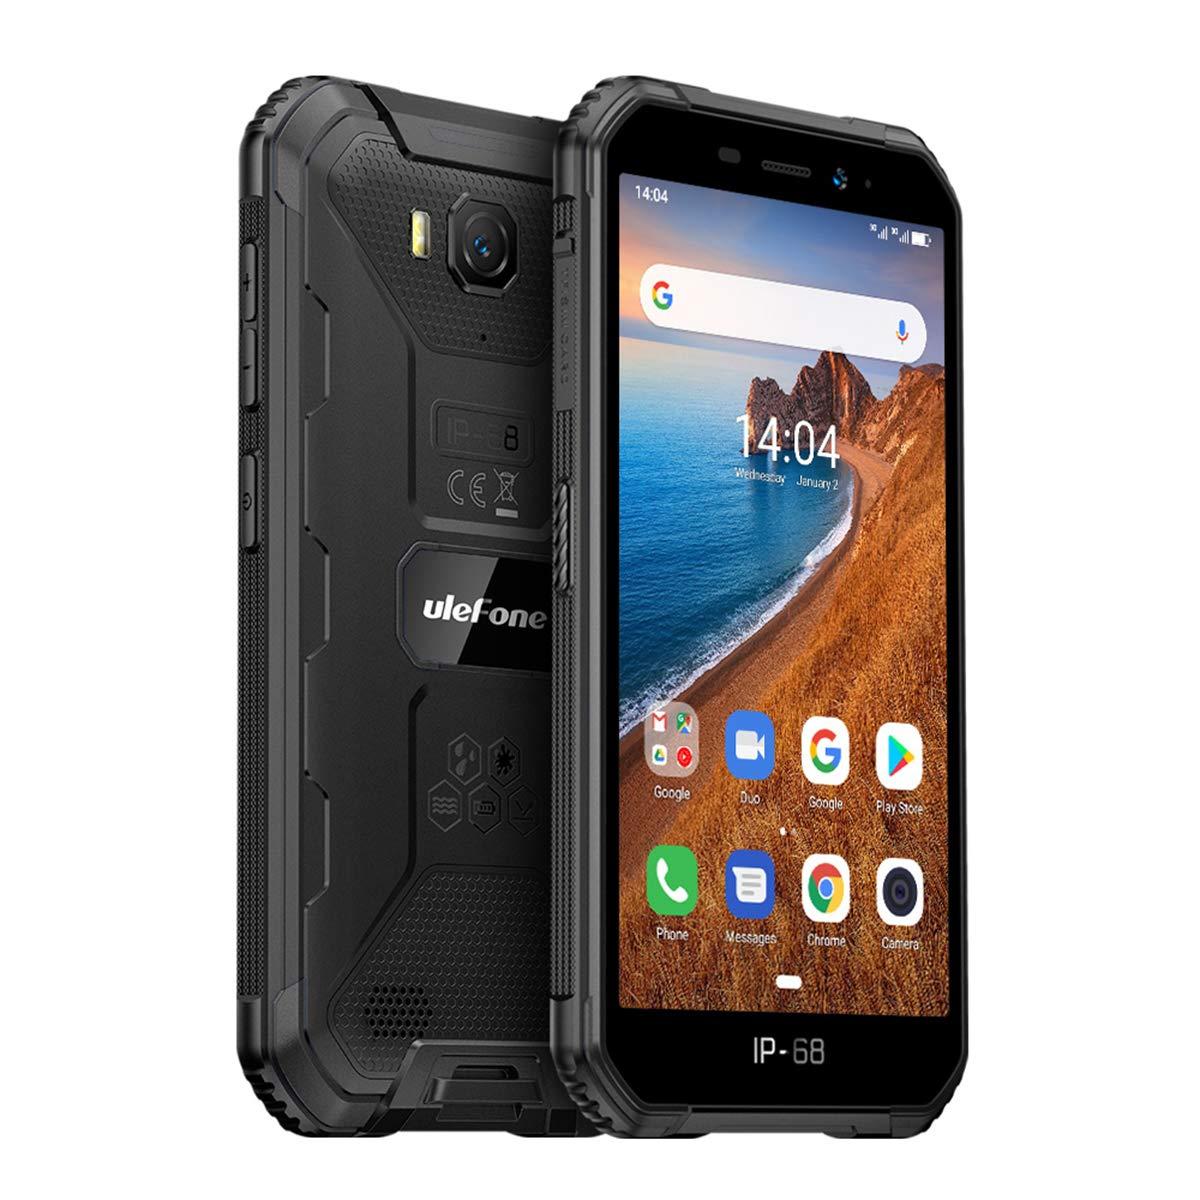 Rugged Phones Unlocked, Ulefone Armor X6 (2020) IP68/69K Dustproof Waterproof Smartphone, Global 3G Dual SIM, Android 9.0,...